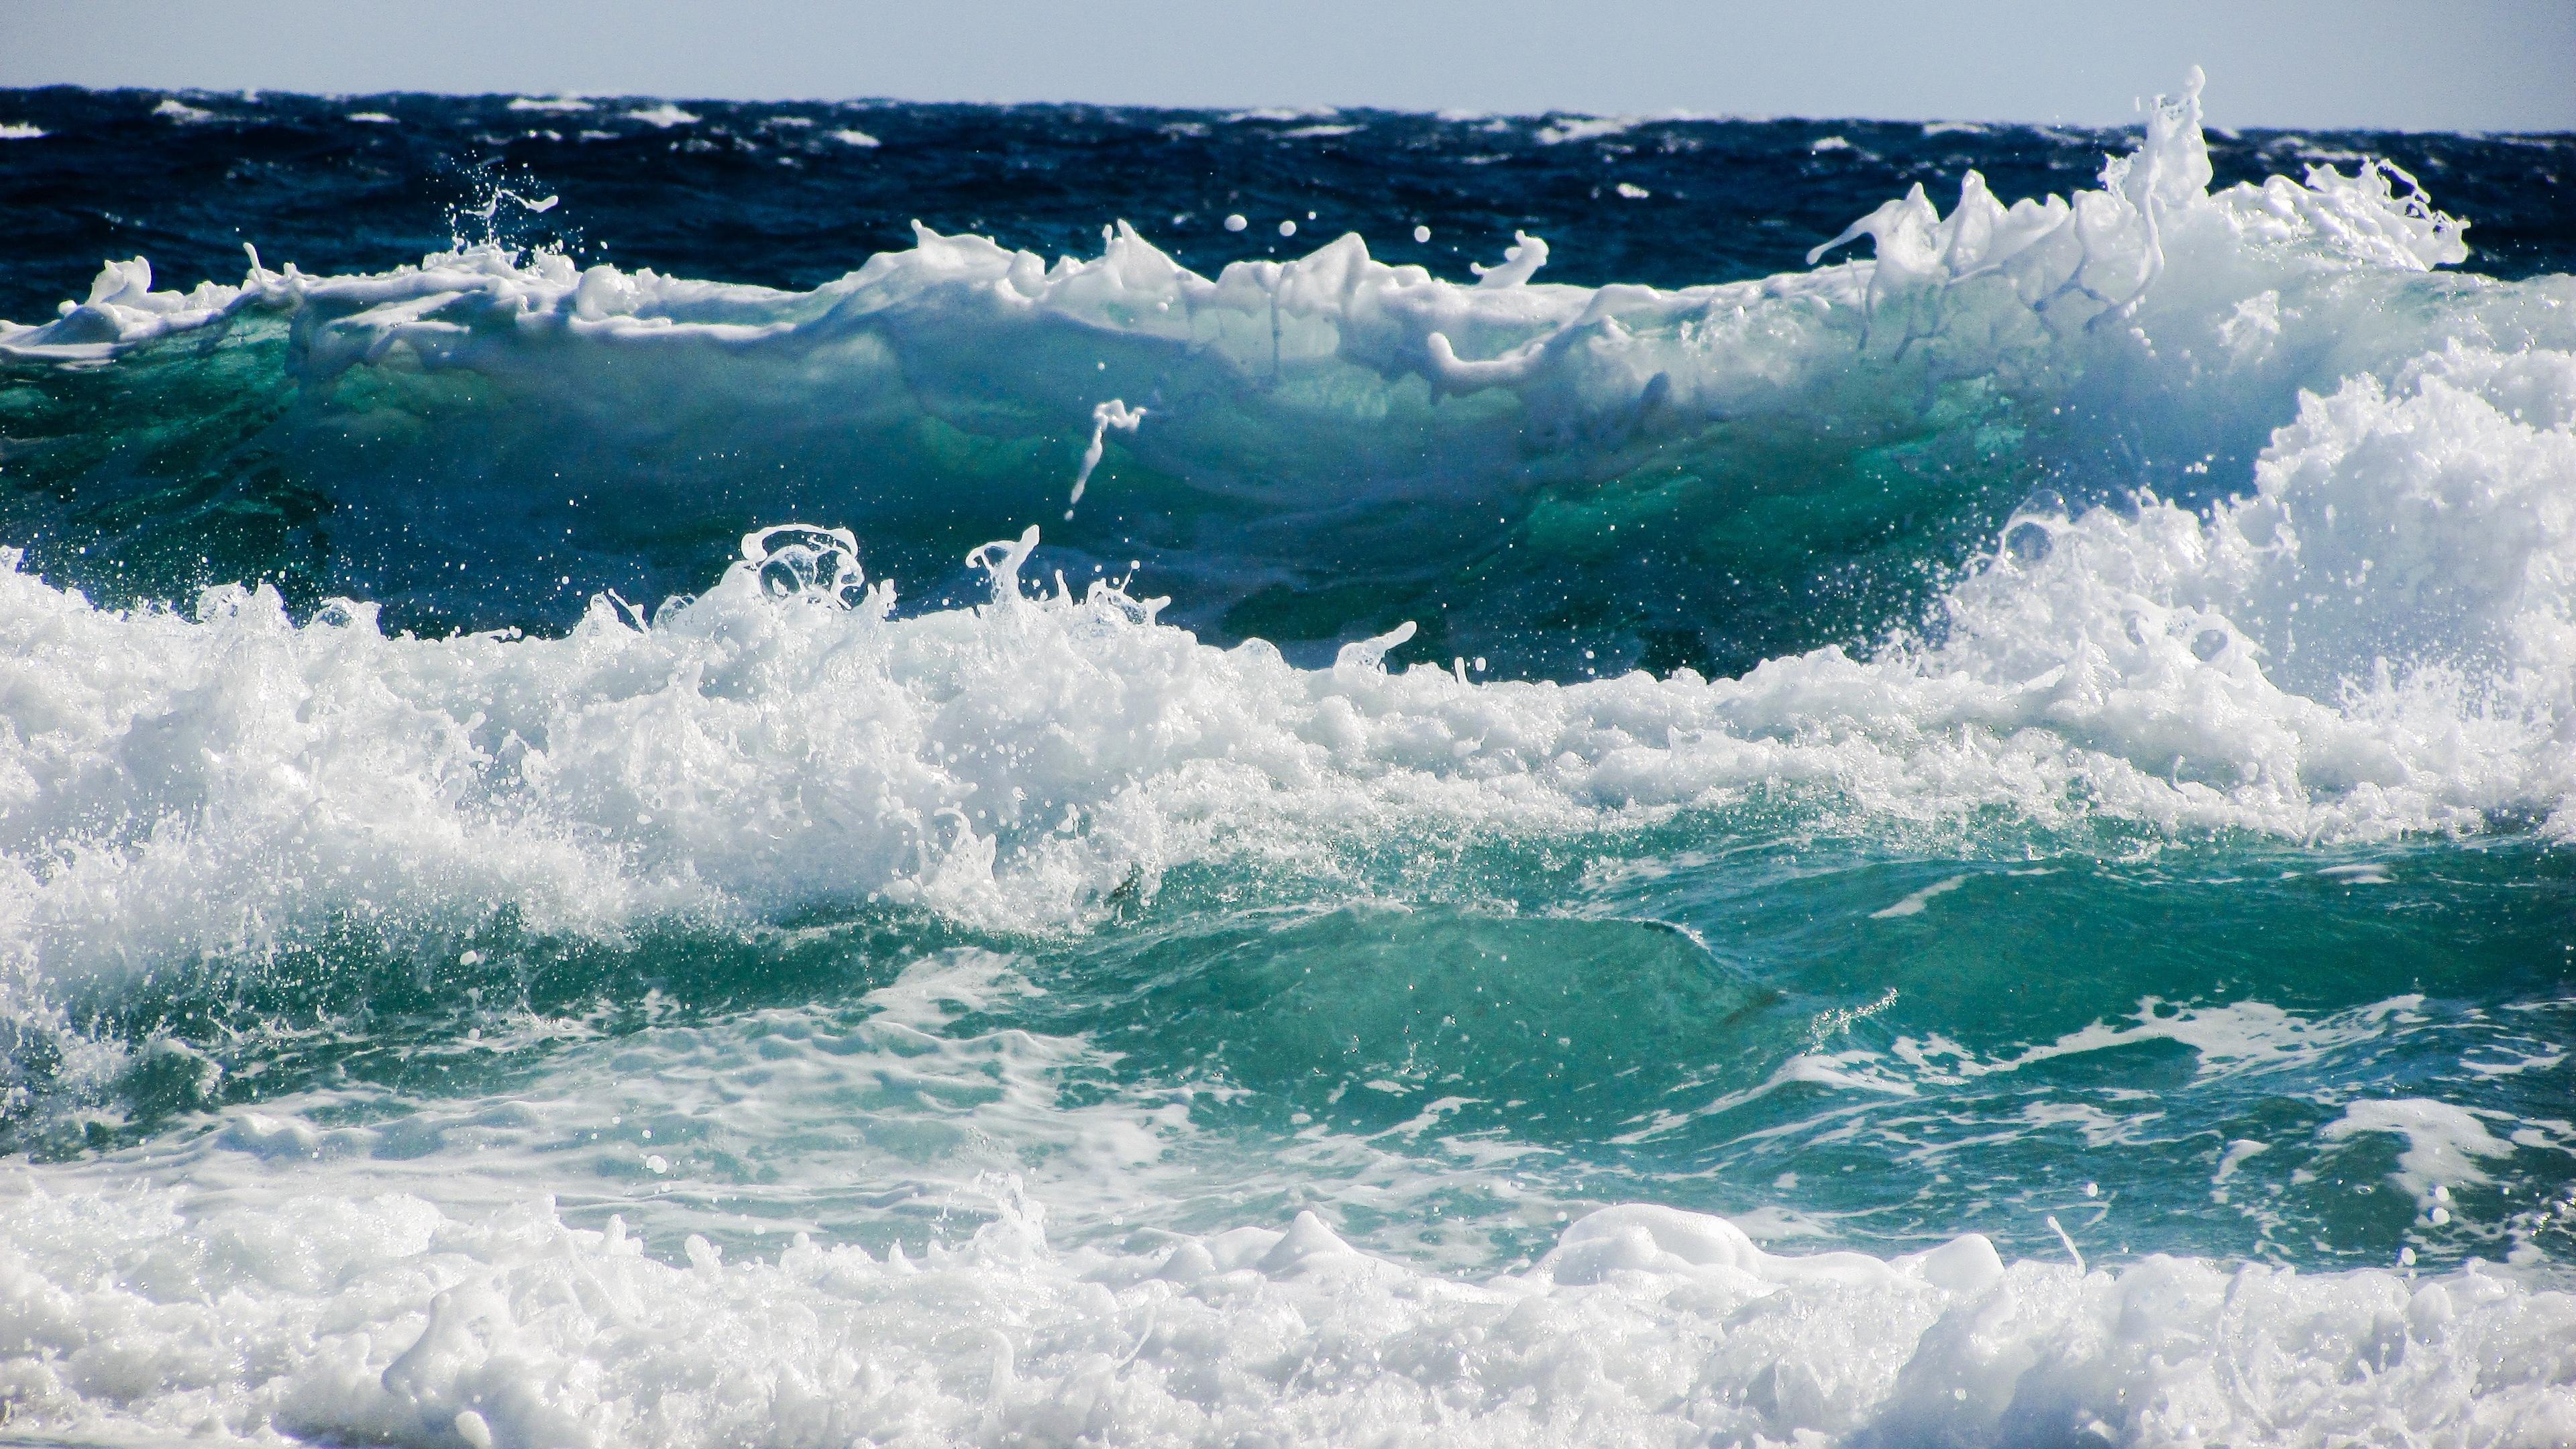 sea wave foam spray surf 4k 1541113994 - sea, wave, foam, spray, surf 4k - Wave, Sea, foam